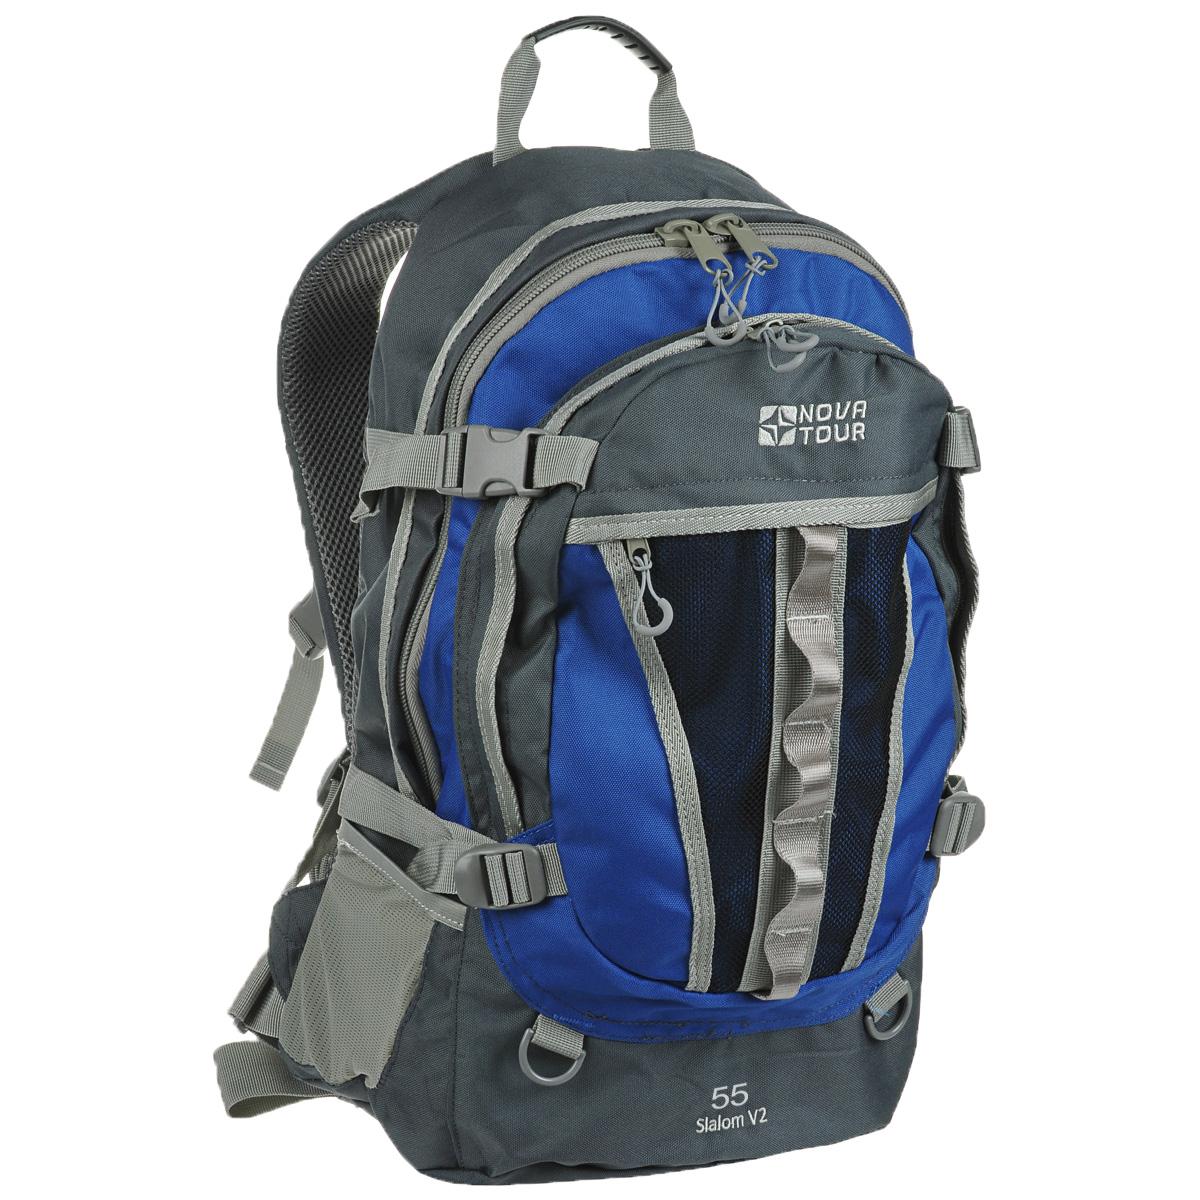 Рюкзак городской Nova Tour Слалом 55 V2, цвет: серый, синий. 95138-458-0095138-458-00Если все, что нужно ежедневно носить с собой, не помещается в обычный рюкзак, то Слалом 55 V2 специально для вас. Два вместительных отделения можно уменьшить боковыми стяжками или наоборот, если что-то не поместилось внутри, навесить снаружи на узлы крепления. Для удобства переноски тяжелого груза, на спинке предусмотрена удобная система подушек Air Mesh с полностью отстегивающимся поясным ремнем. Особенности: Прочная ткань с непромокаемой пропиткой. Сетчатый материал, отводящий влагу от вашего тела. Применяется на лямках, спинках и поясе рюкзака. Грудная стяжка для правильной фиксации лямок рюкзака и предотвращения их соскальзывания. Органайзер позволяет рационально разместить мелкие вещи внутри рюкзака. Объем: 55 л.